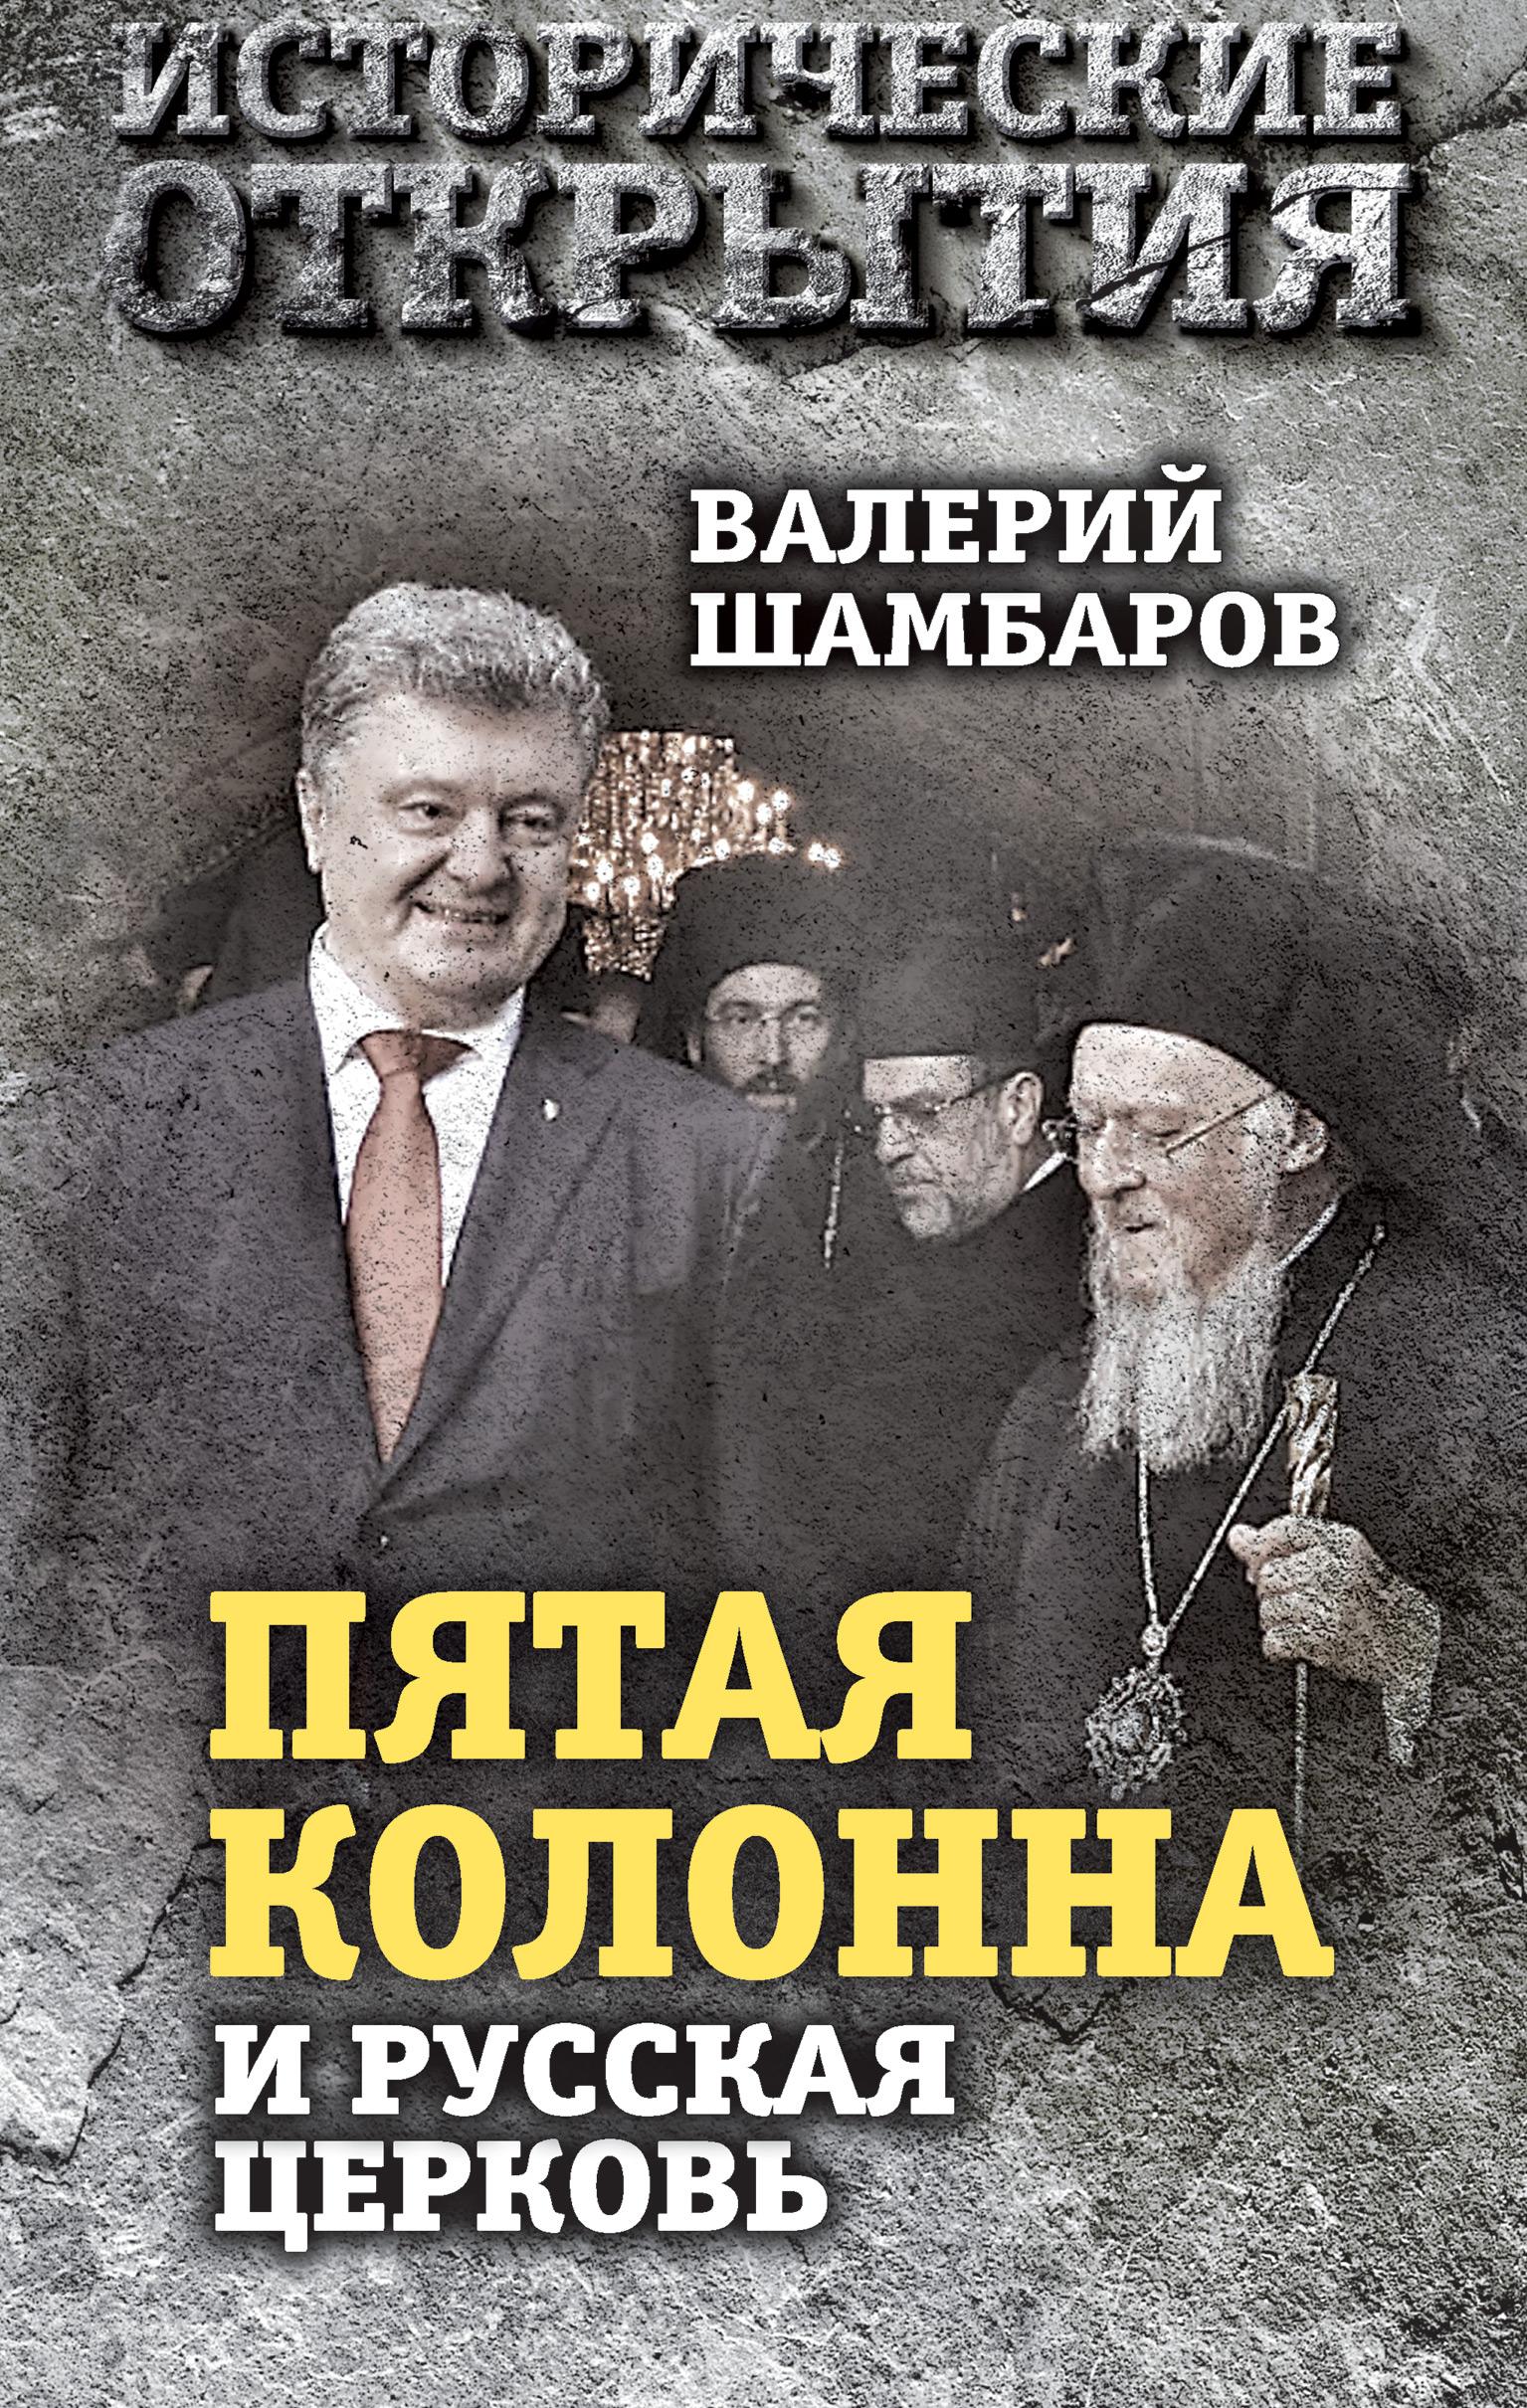 «Пятая колонна» и Русская Церковь. Век гонений и расколов